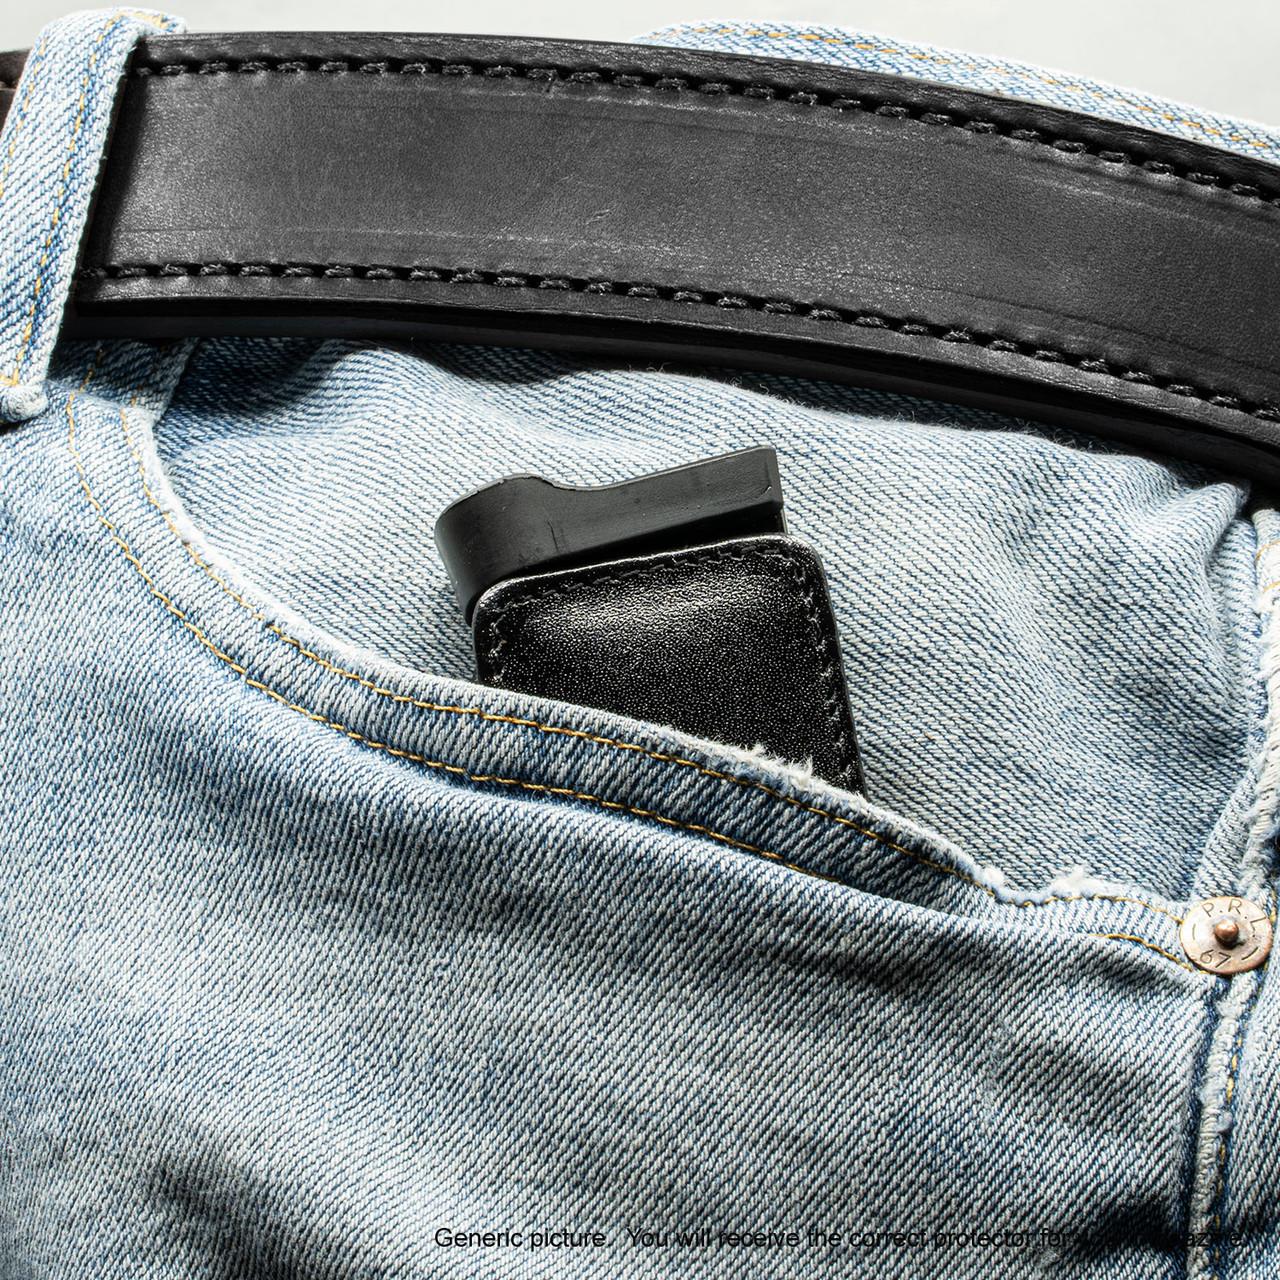 Taurus 740 Black Leather Magazine Pocket Protector